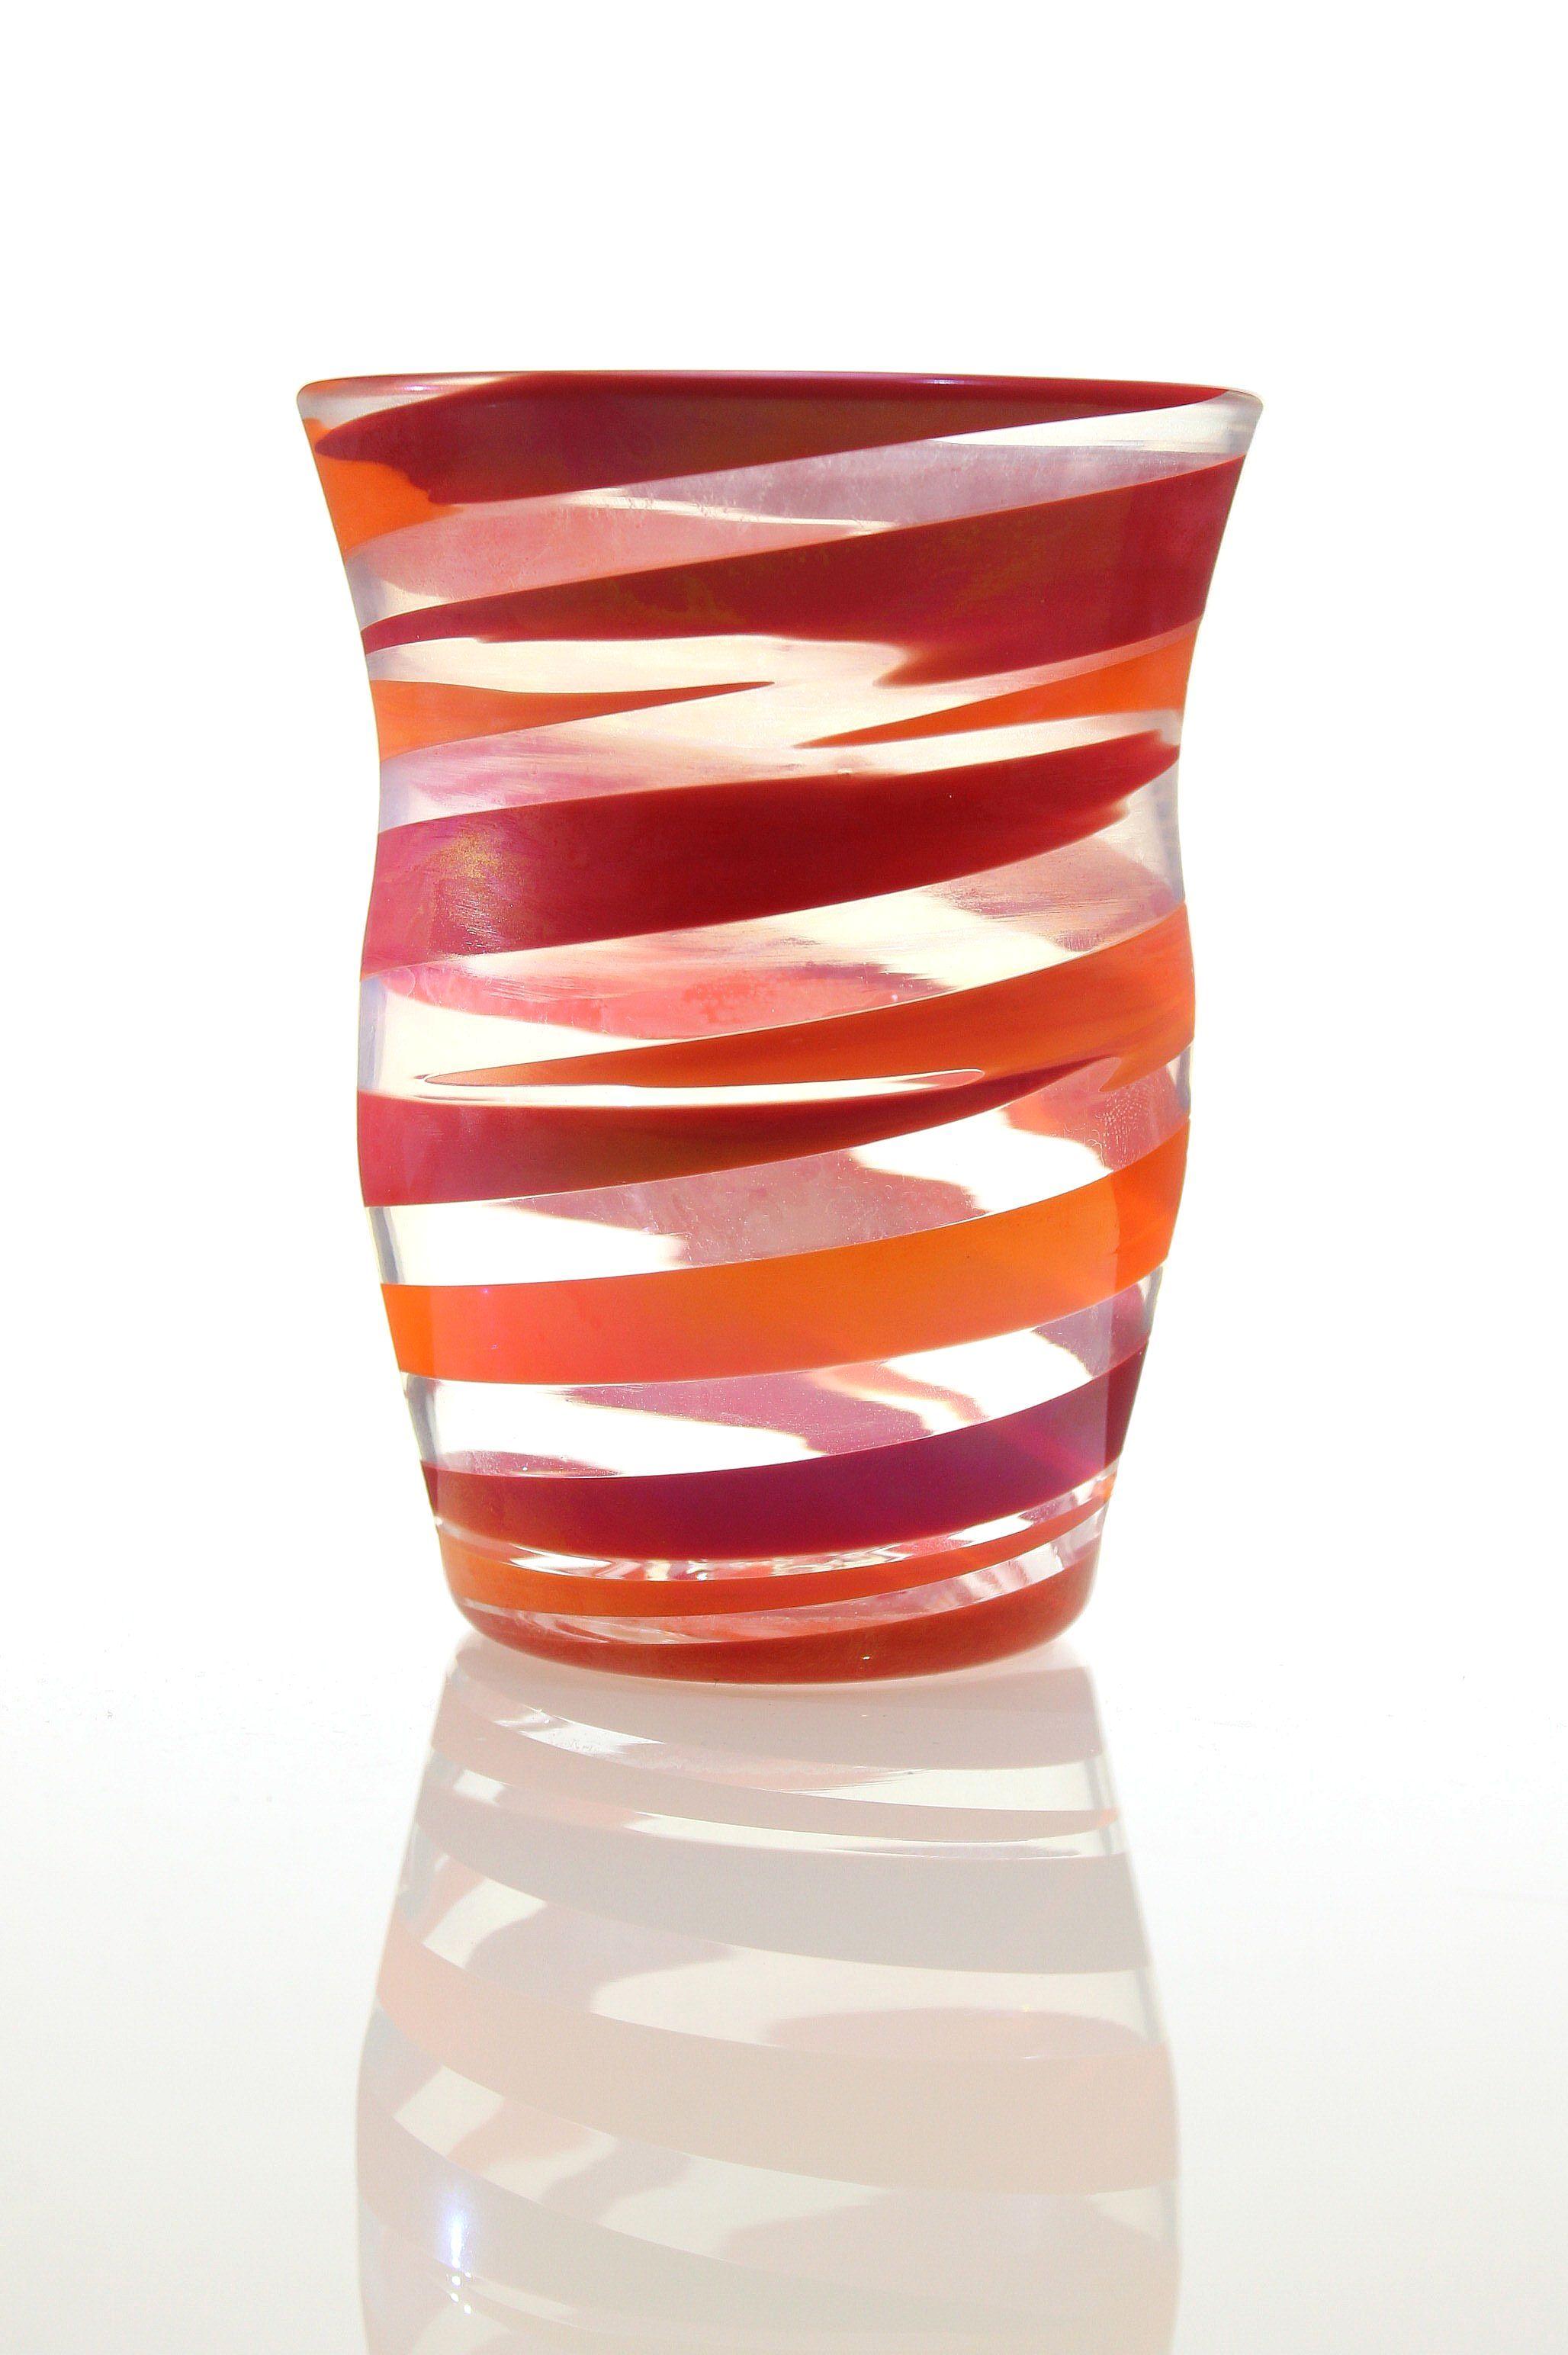 Carlo scarpa 1940s vase pennellate venini c murano for carlo scarpa for venini vase pennellate floridaeventfo Image collections